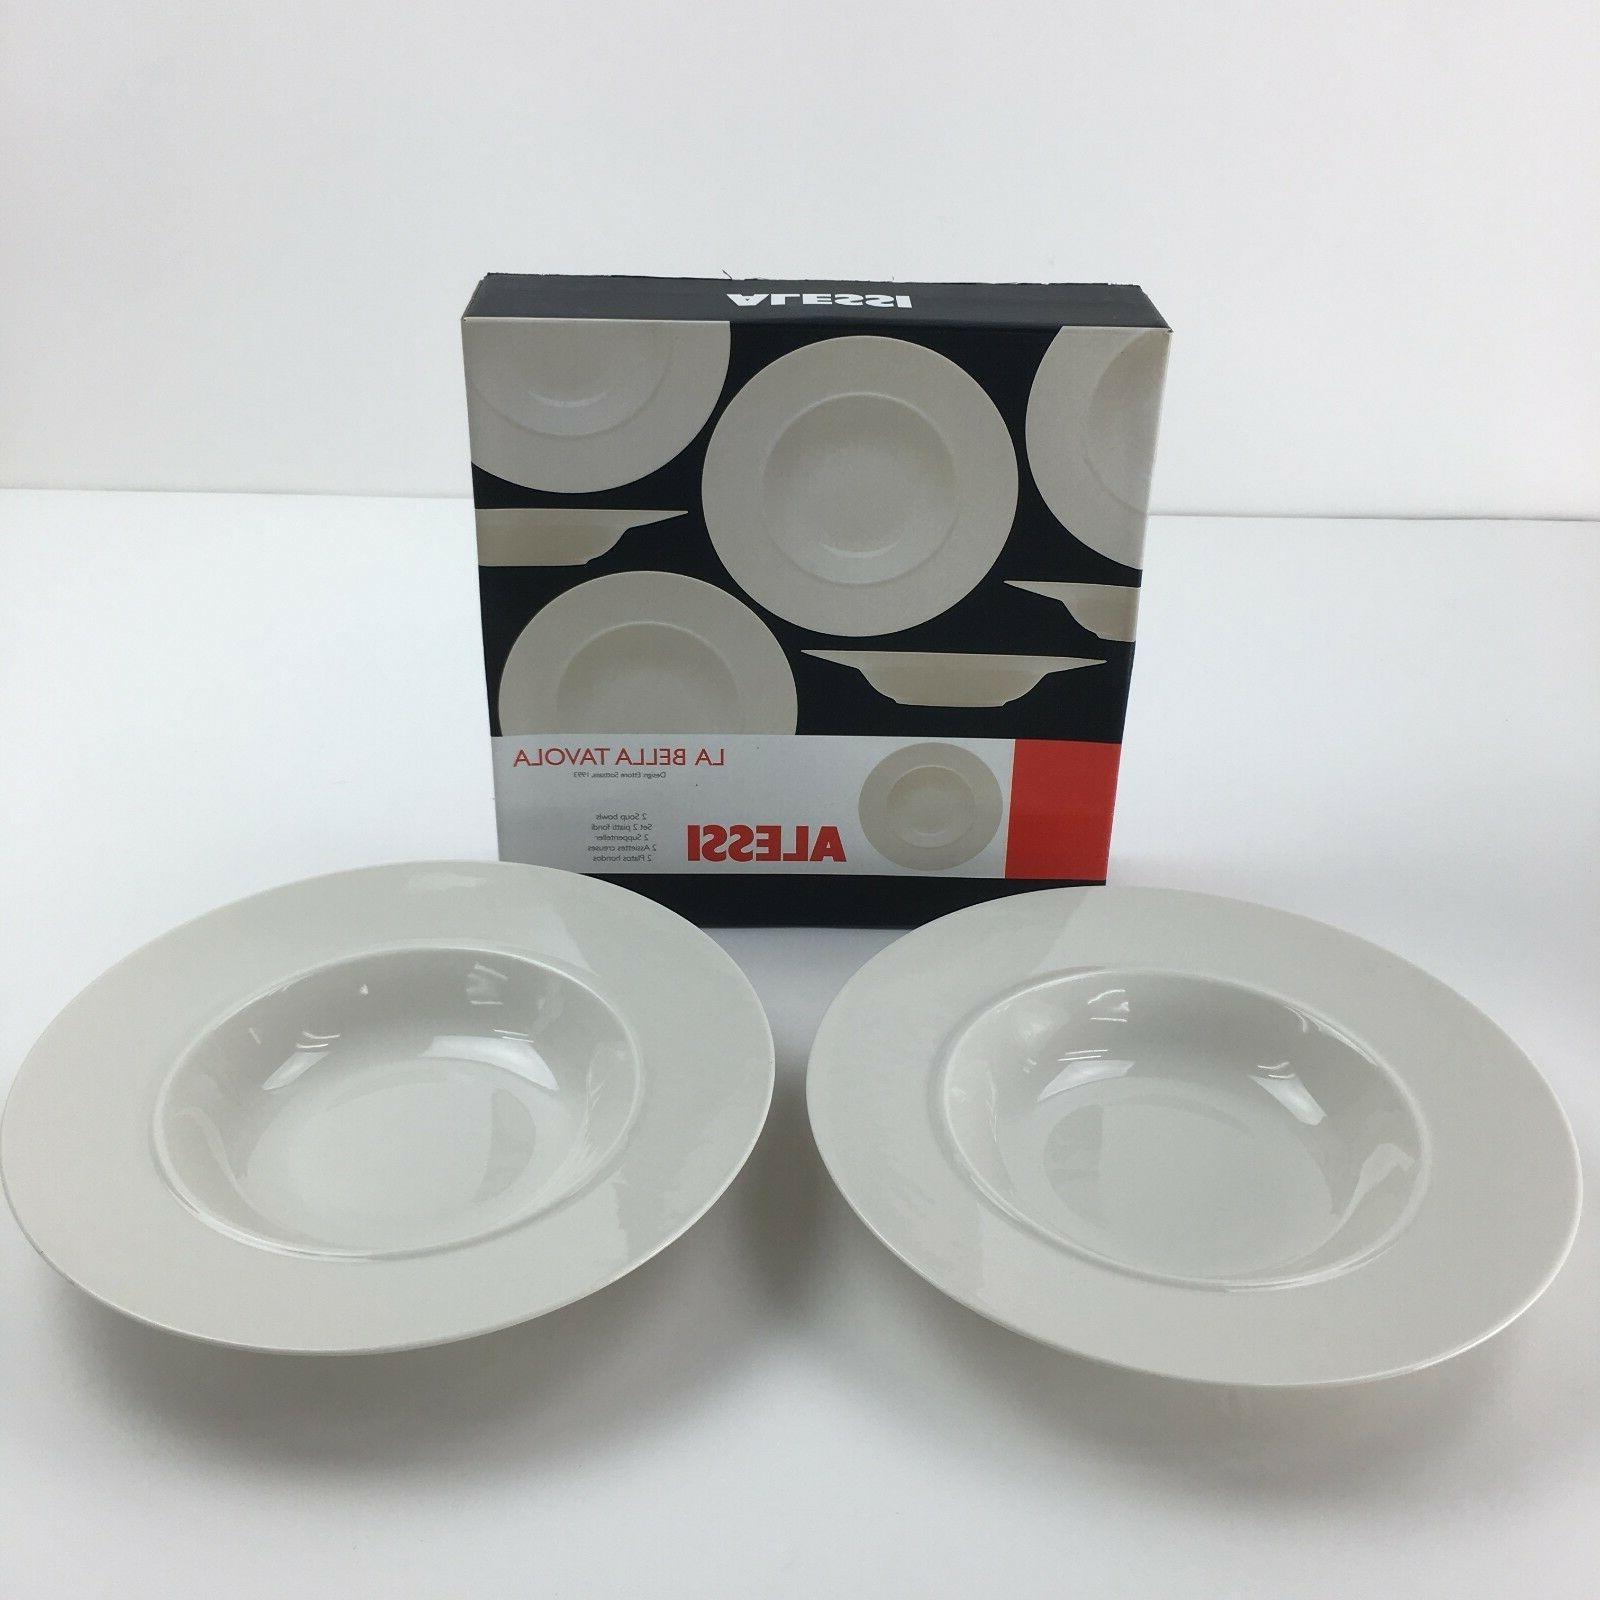 14 Piece Bella Tavola Set 4 Settings 1993 Sottsass